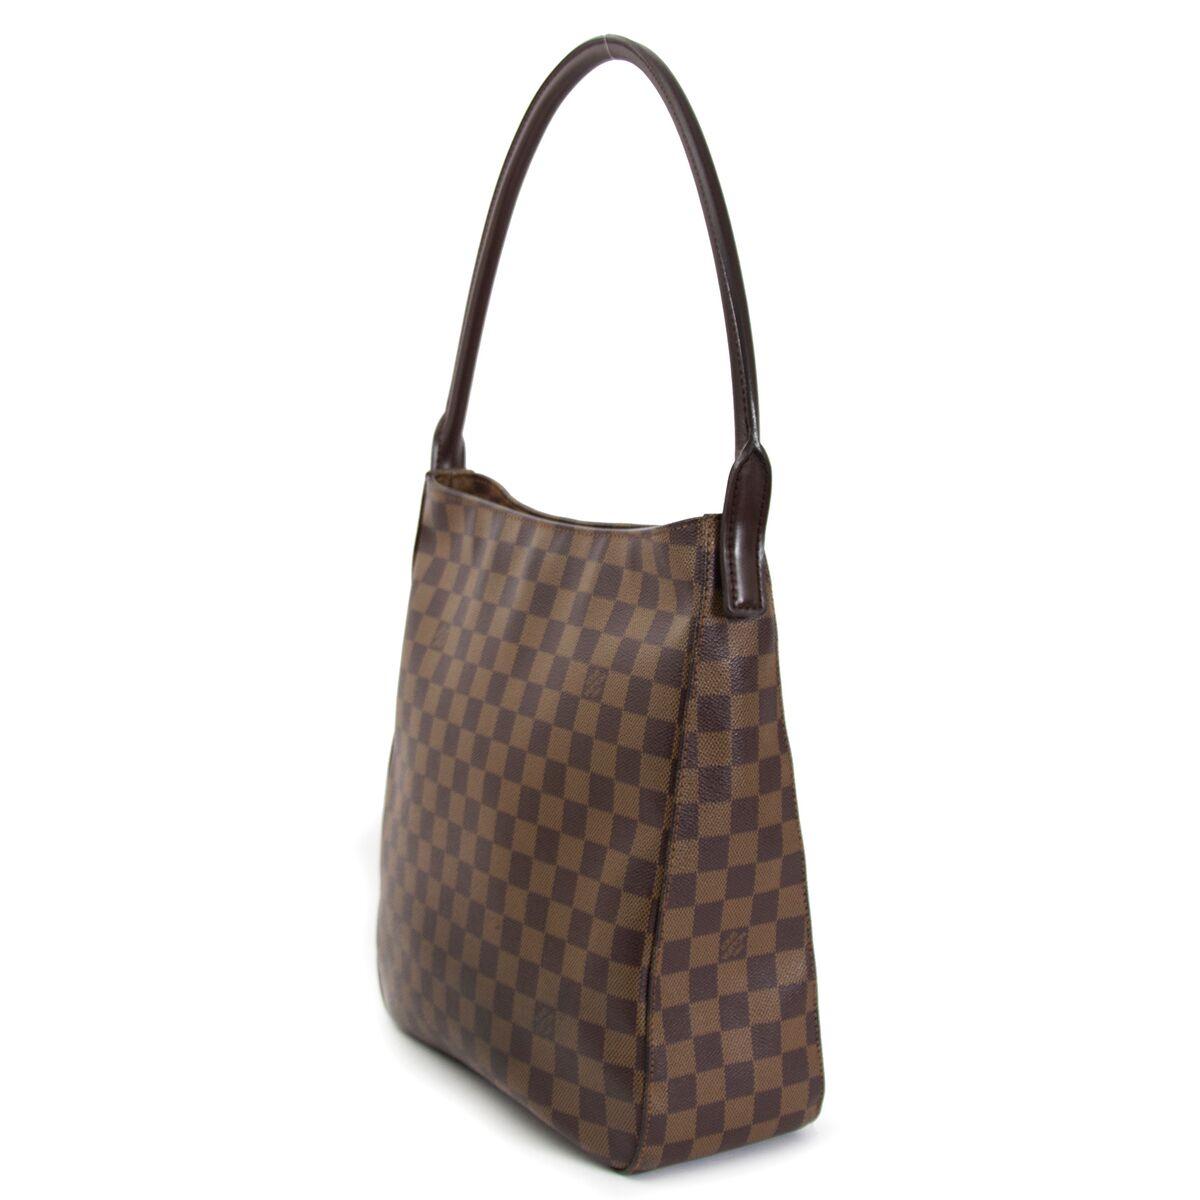 Koop authentieke tweedehands Louis Vuitton handtassen aan een eerlijke prijs bij LabelLOV. Veilig online shoppen.